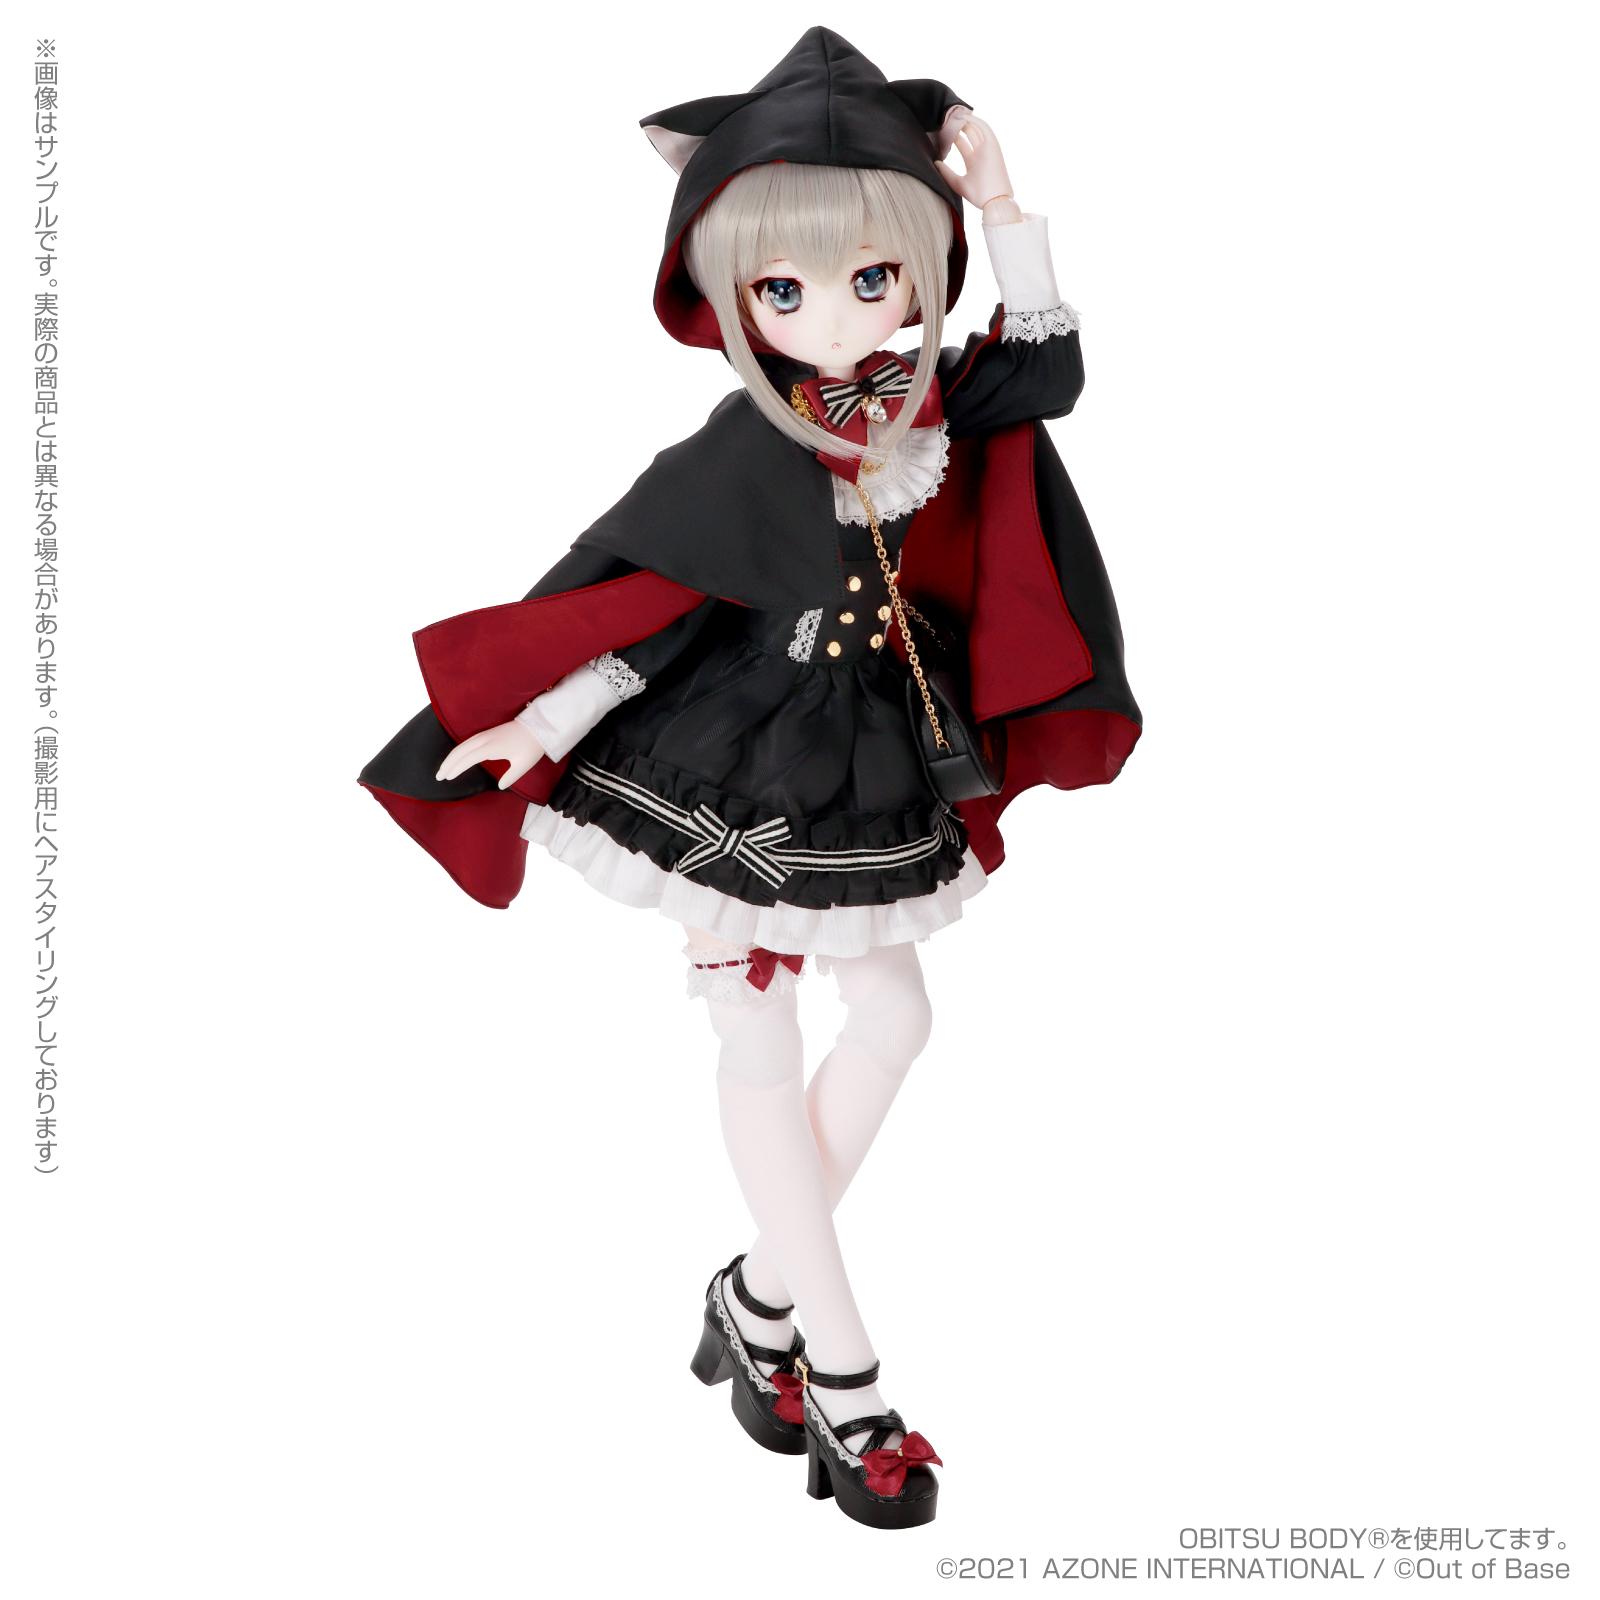 Iris Collect petit『すずね/~Wonder fraulein~Goth×Loli cats(通常販売ver.)』アイリスコレクト プチ 1/3 完成品ドール-006